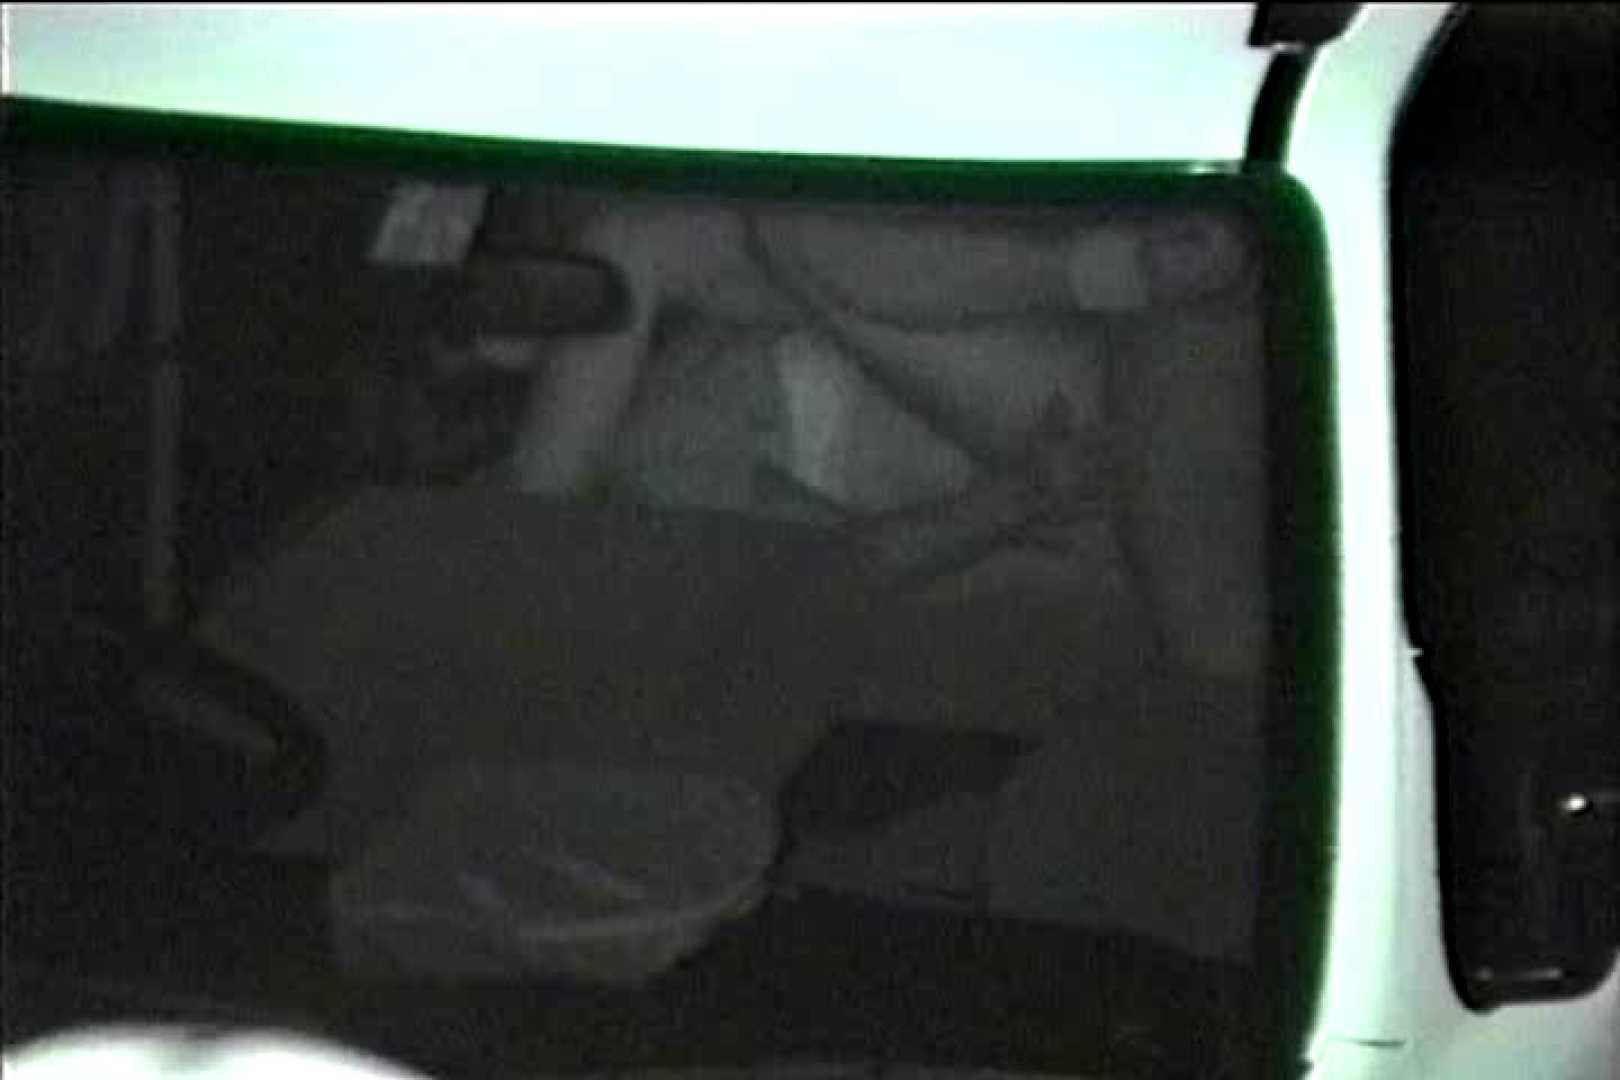 車の中はラブホテル 無修正版  Vol.7 0  81pic 54